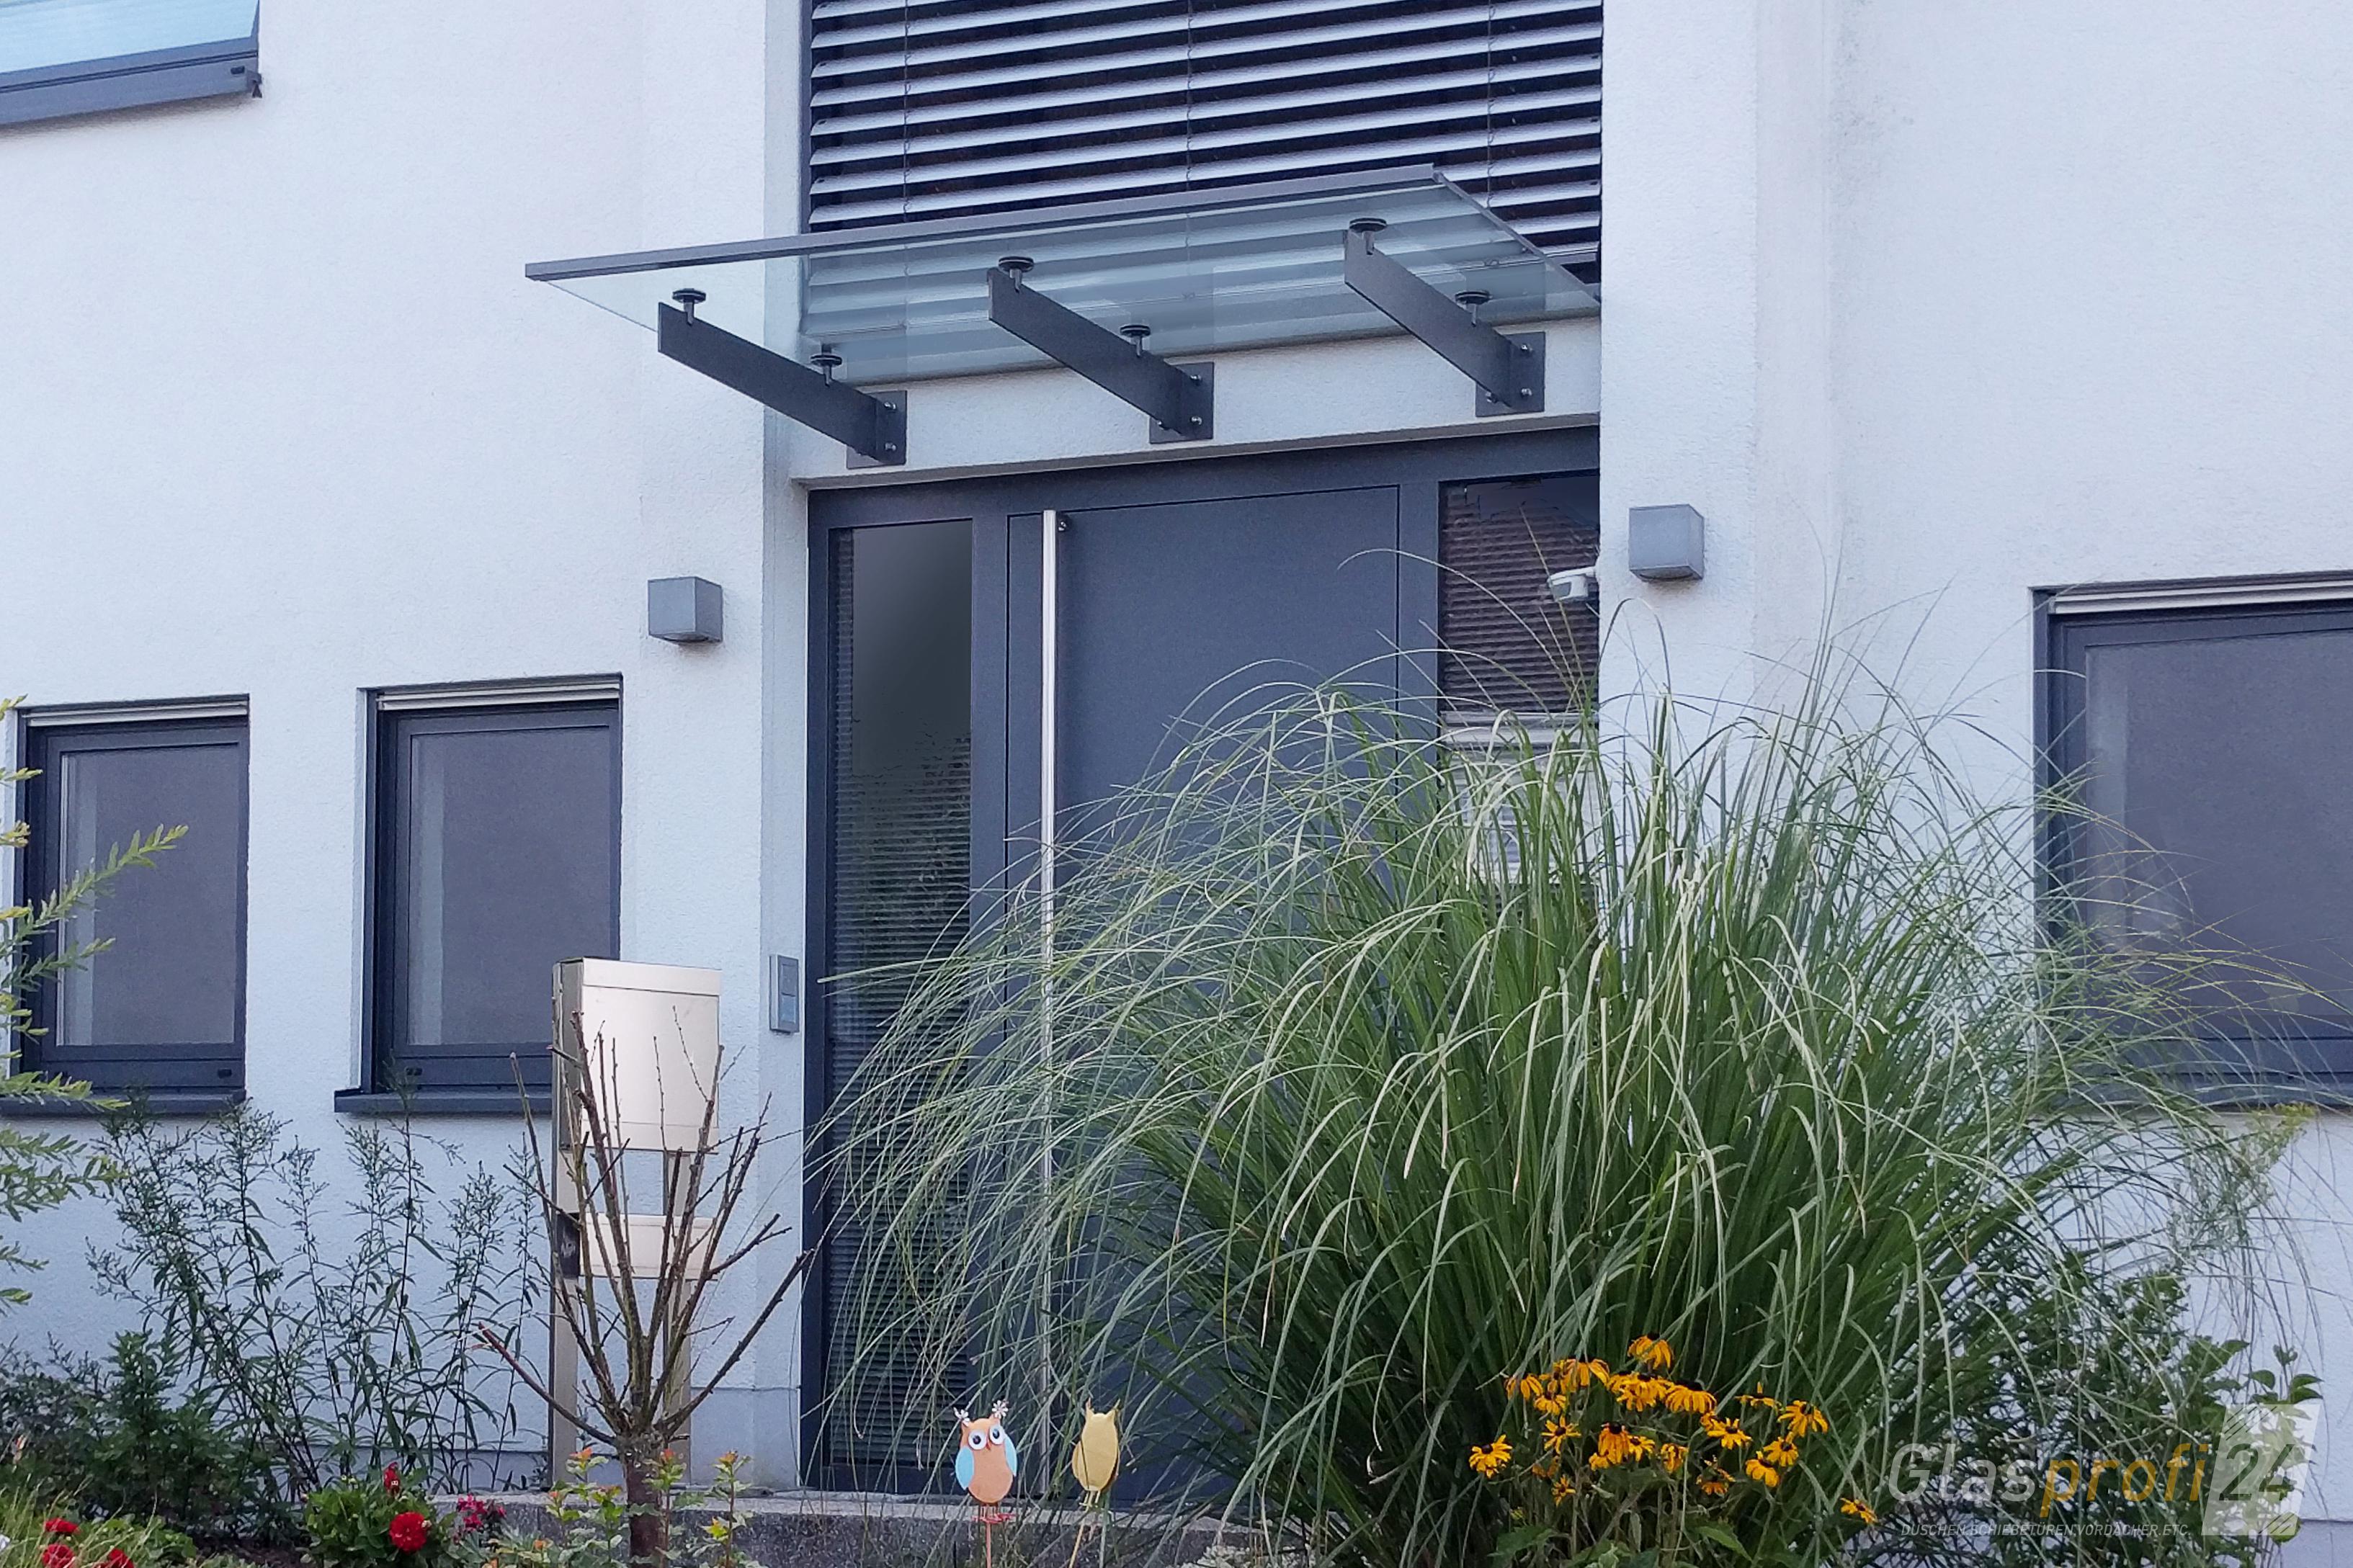 Ansprechend Eingangsüberdachung Galerie Von Eingangsüberdachung Spada Mit Regenrinne